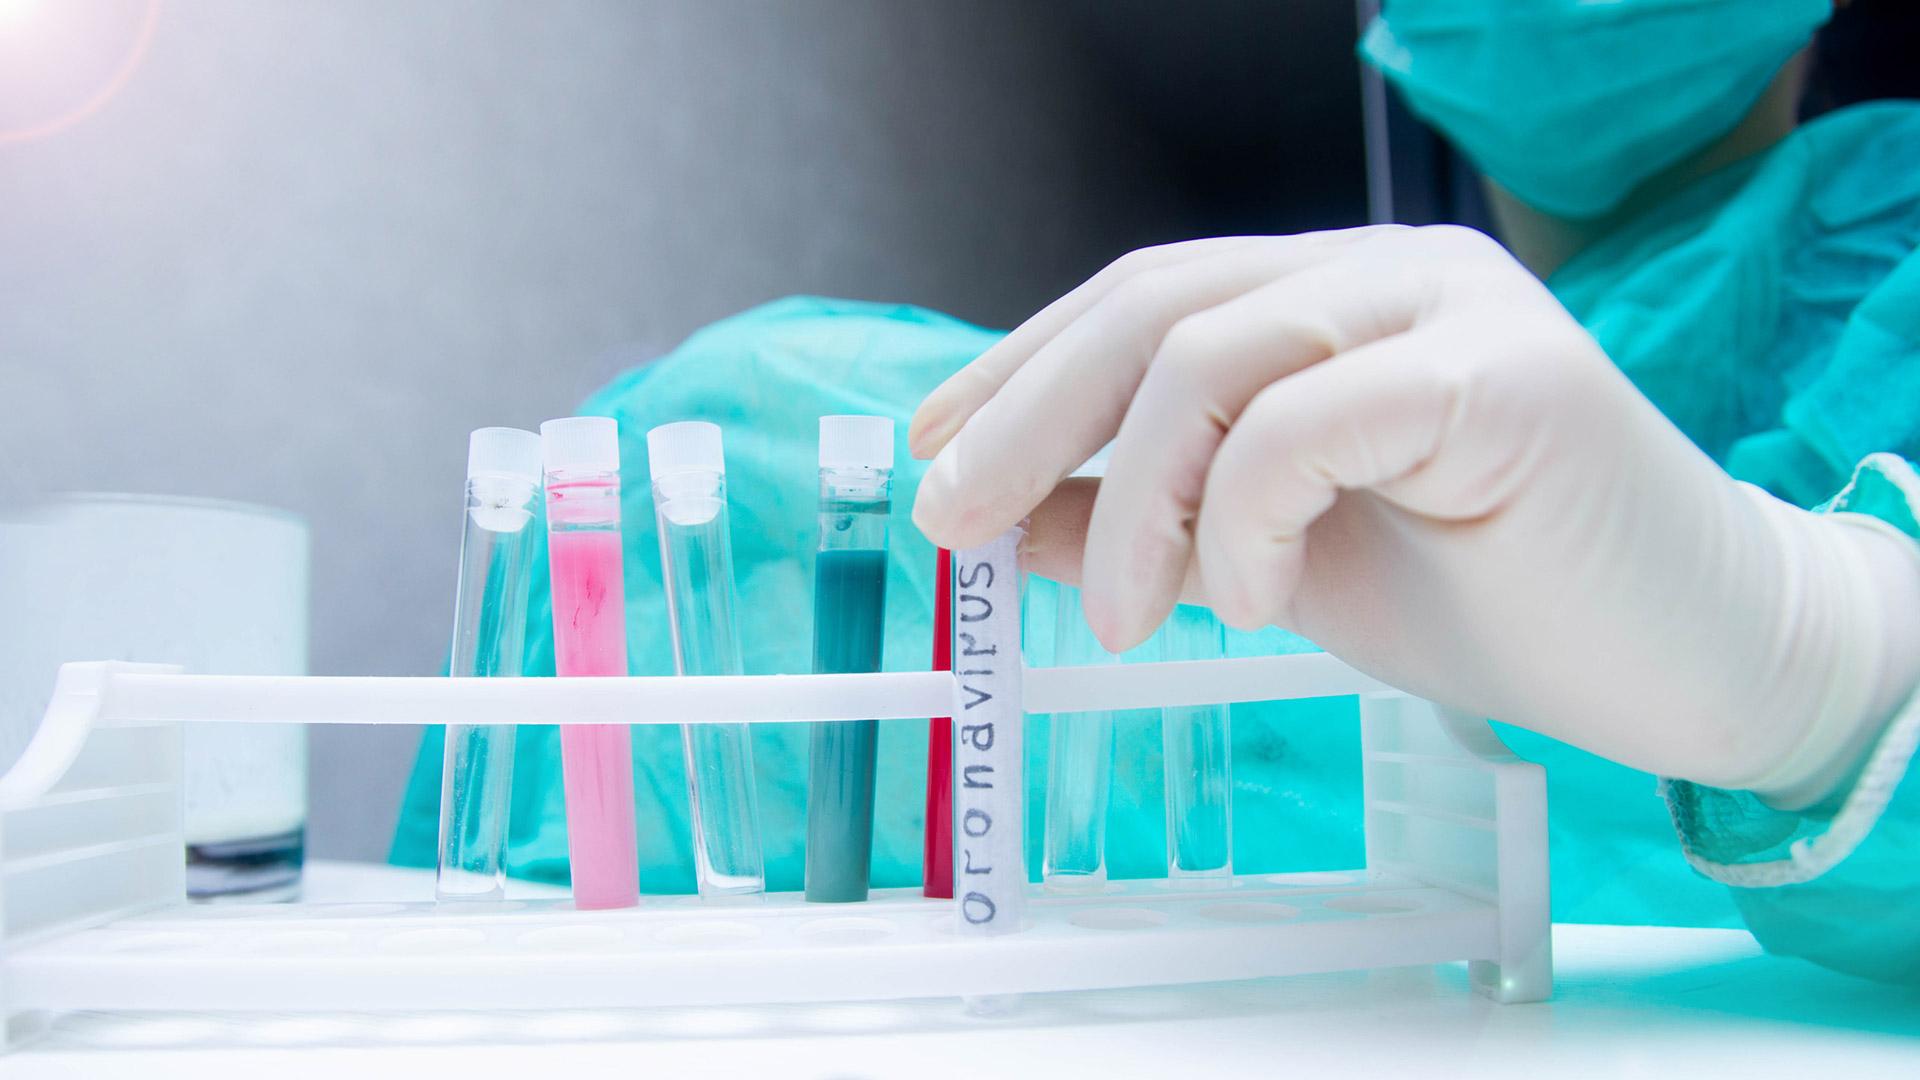 Image of test tubes, one labeled with coronavirus